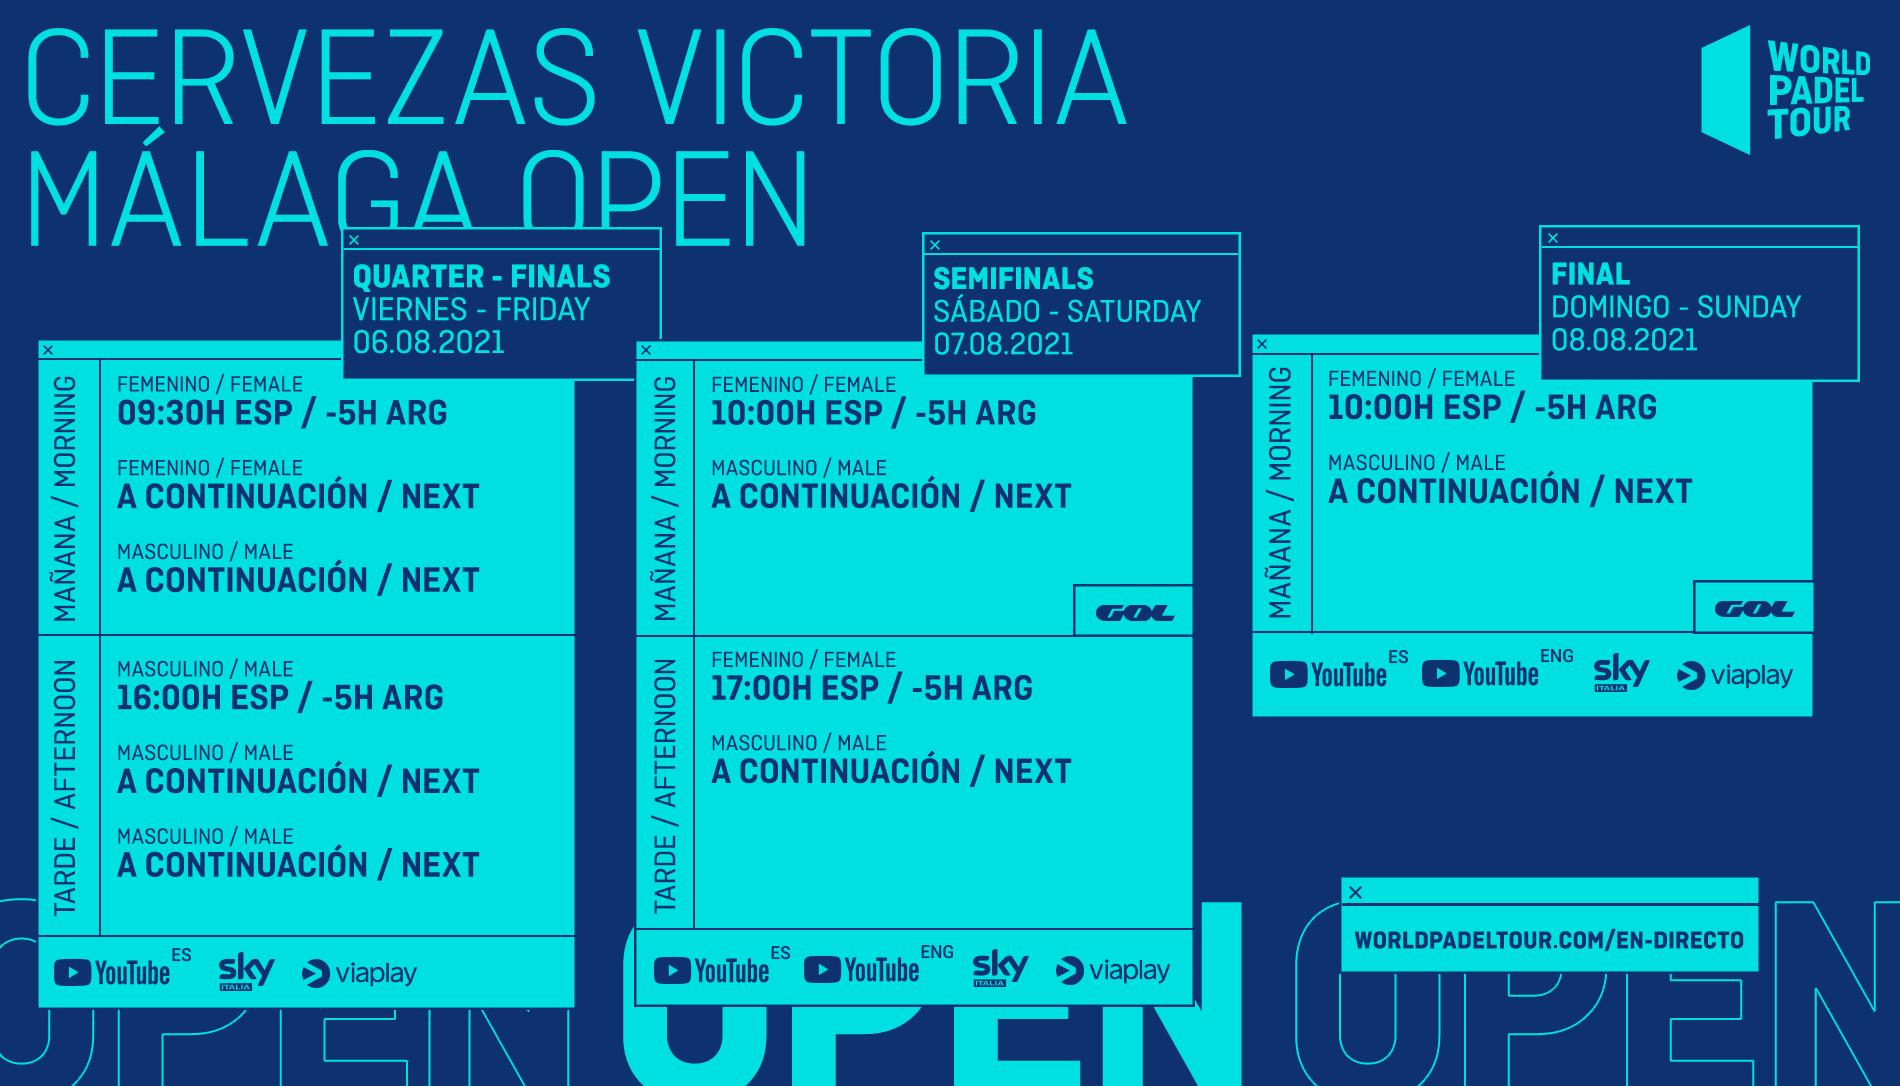 Horarios del streaming del Cervezas Victoria Málaga Open 2021